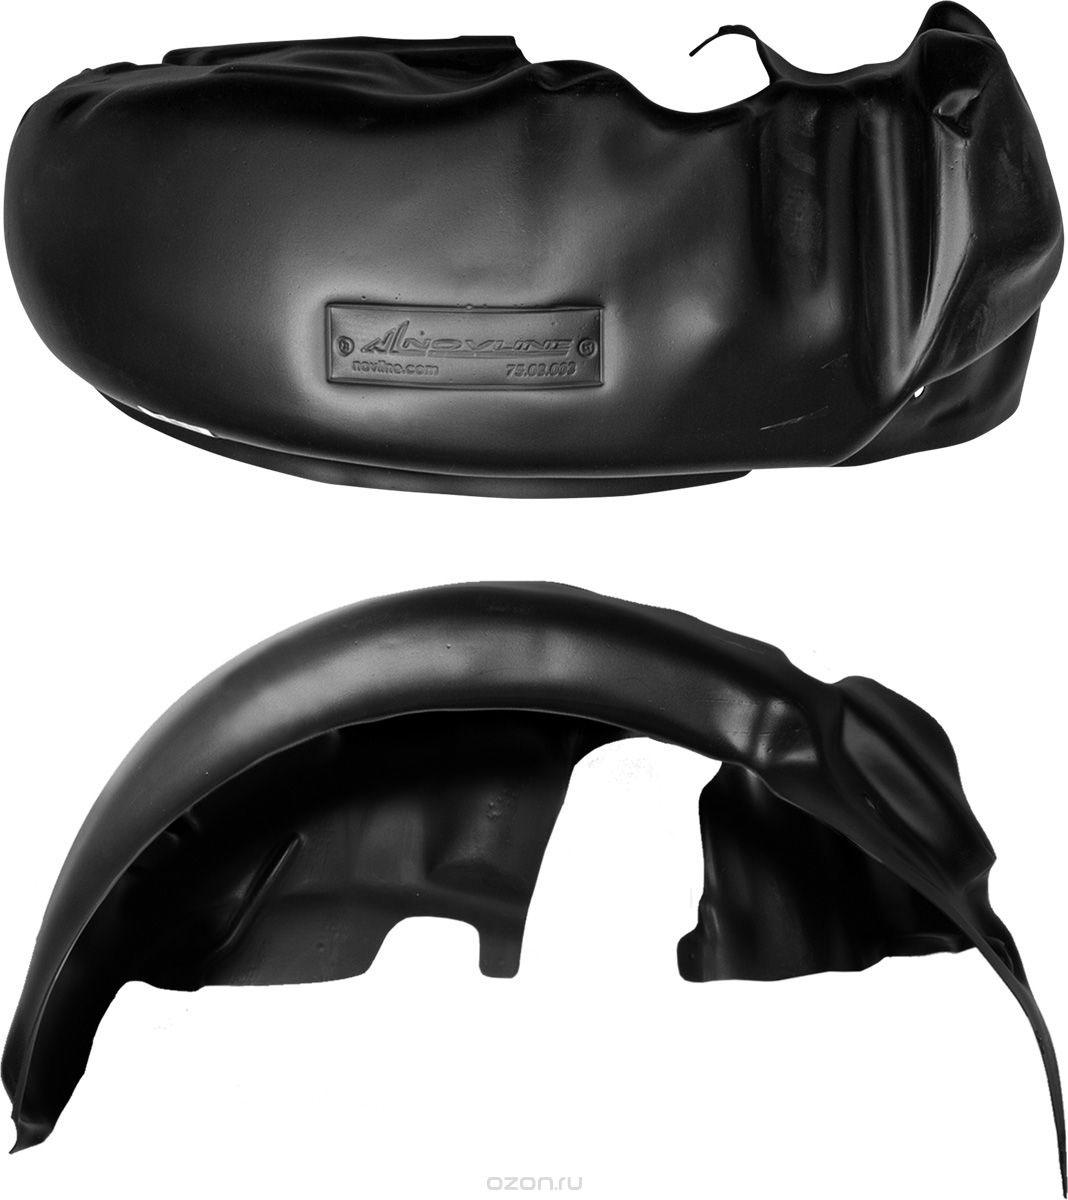 Подкрылок Novline-Autofamily, для Mitsubishi L200, 2015->, задний правыйNLL.35.34.004Идеальная защита колесной ниши. Локеры разработаны с применением цифровых технологий, гарантируют максимальную повторяемость поверхности арки. Изделия устанавливаются без нарушения лакокрасочного покрытия автомобиля, каждый подкрылок комплектуется крепежом. Уважаемые клиенты, обращаем ваше внимание, что фотографии на подкрылки универсальные и не отражают реальную форму изделия. При этом само изделие идет точно под размер указанного автомобиля.